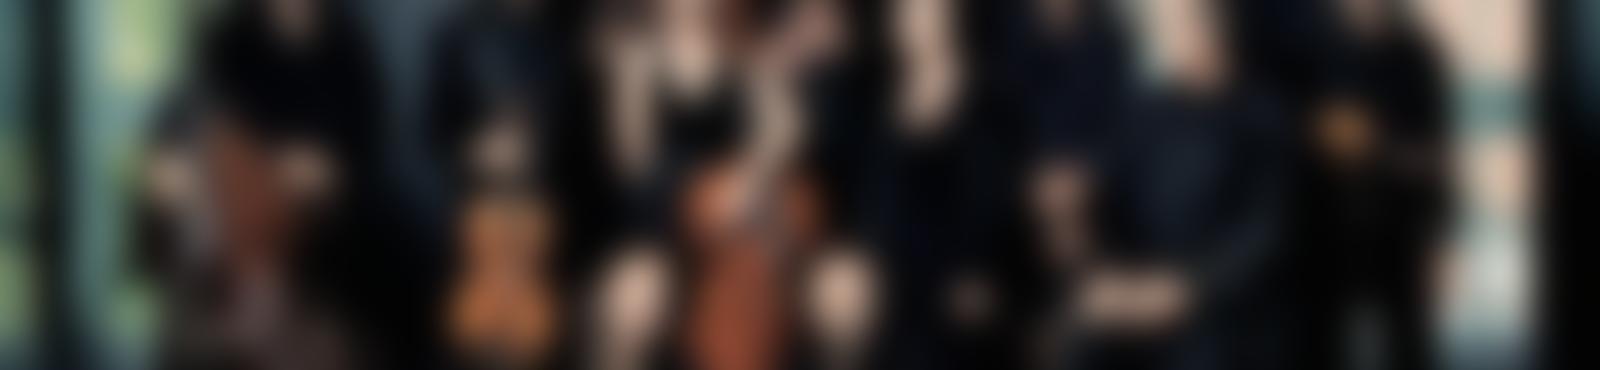 Blurred 61161505 75f8 4b35 b551 dee696f7663b